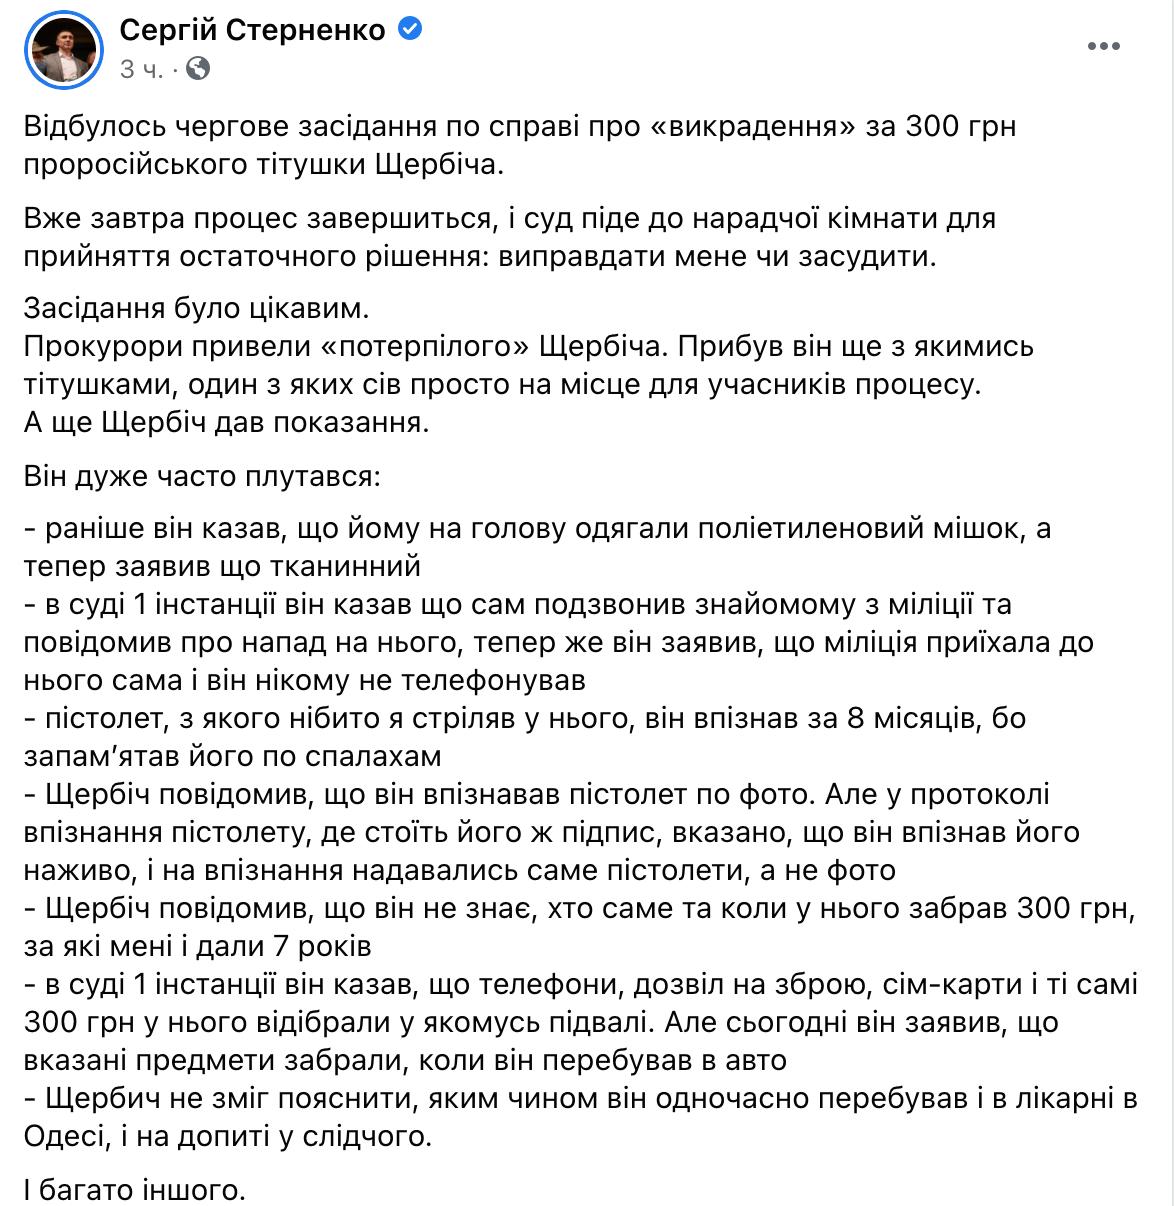 В суде допросили экс-депутата Щербича, которого якобы похитил Стерненко: его версия